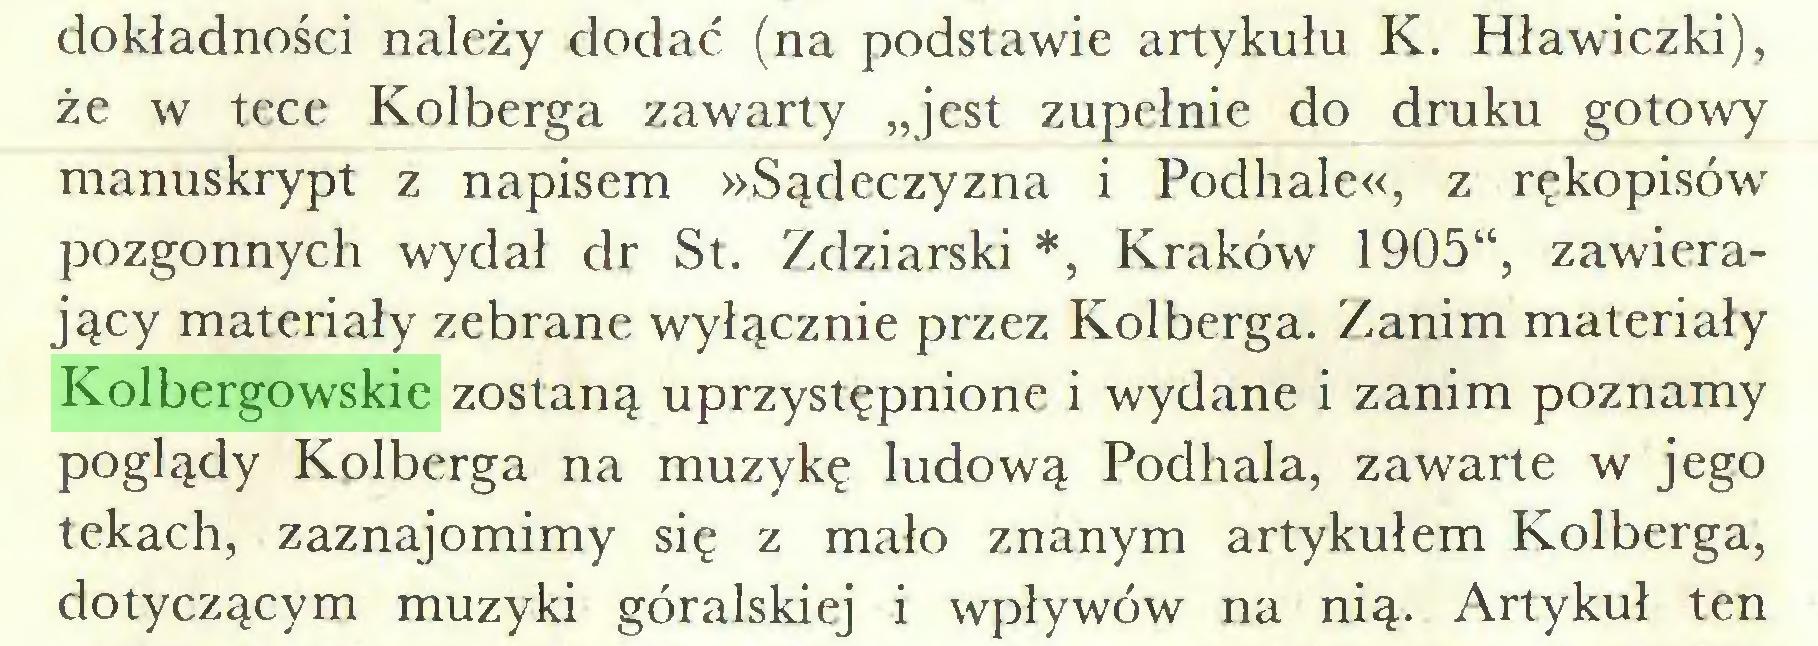 """(...) dokładności należy dodać (na podstawie artykułu K. Hławiczki), że w tece Kolberga zawarty """"jest zupełnie do druku gotowy manuskrypt z napisem »Sądeczyzna i Podhale«, z rękopisów pozgonnych wydał dr St. Zdziarski *, Kraków 1905"""", zawierający materiały zebrane wyłącznie przez Kolberga. Zanim materiały Kolbergowskie zostaną uprzystępnione i wydane i zanim poznamy poglądy Kolberga na muzykę ludową Podhala, zawarte w jego tekach, zaznajomimy się z mało znanym artykułem Kolberga, dotyczącym muzyki góralskiej i wpływów na nią. Artykuł ten..."""